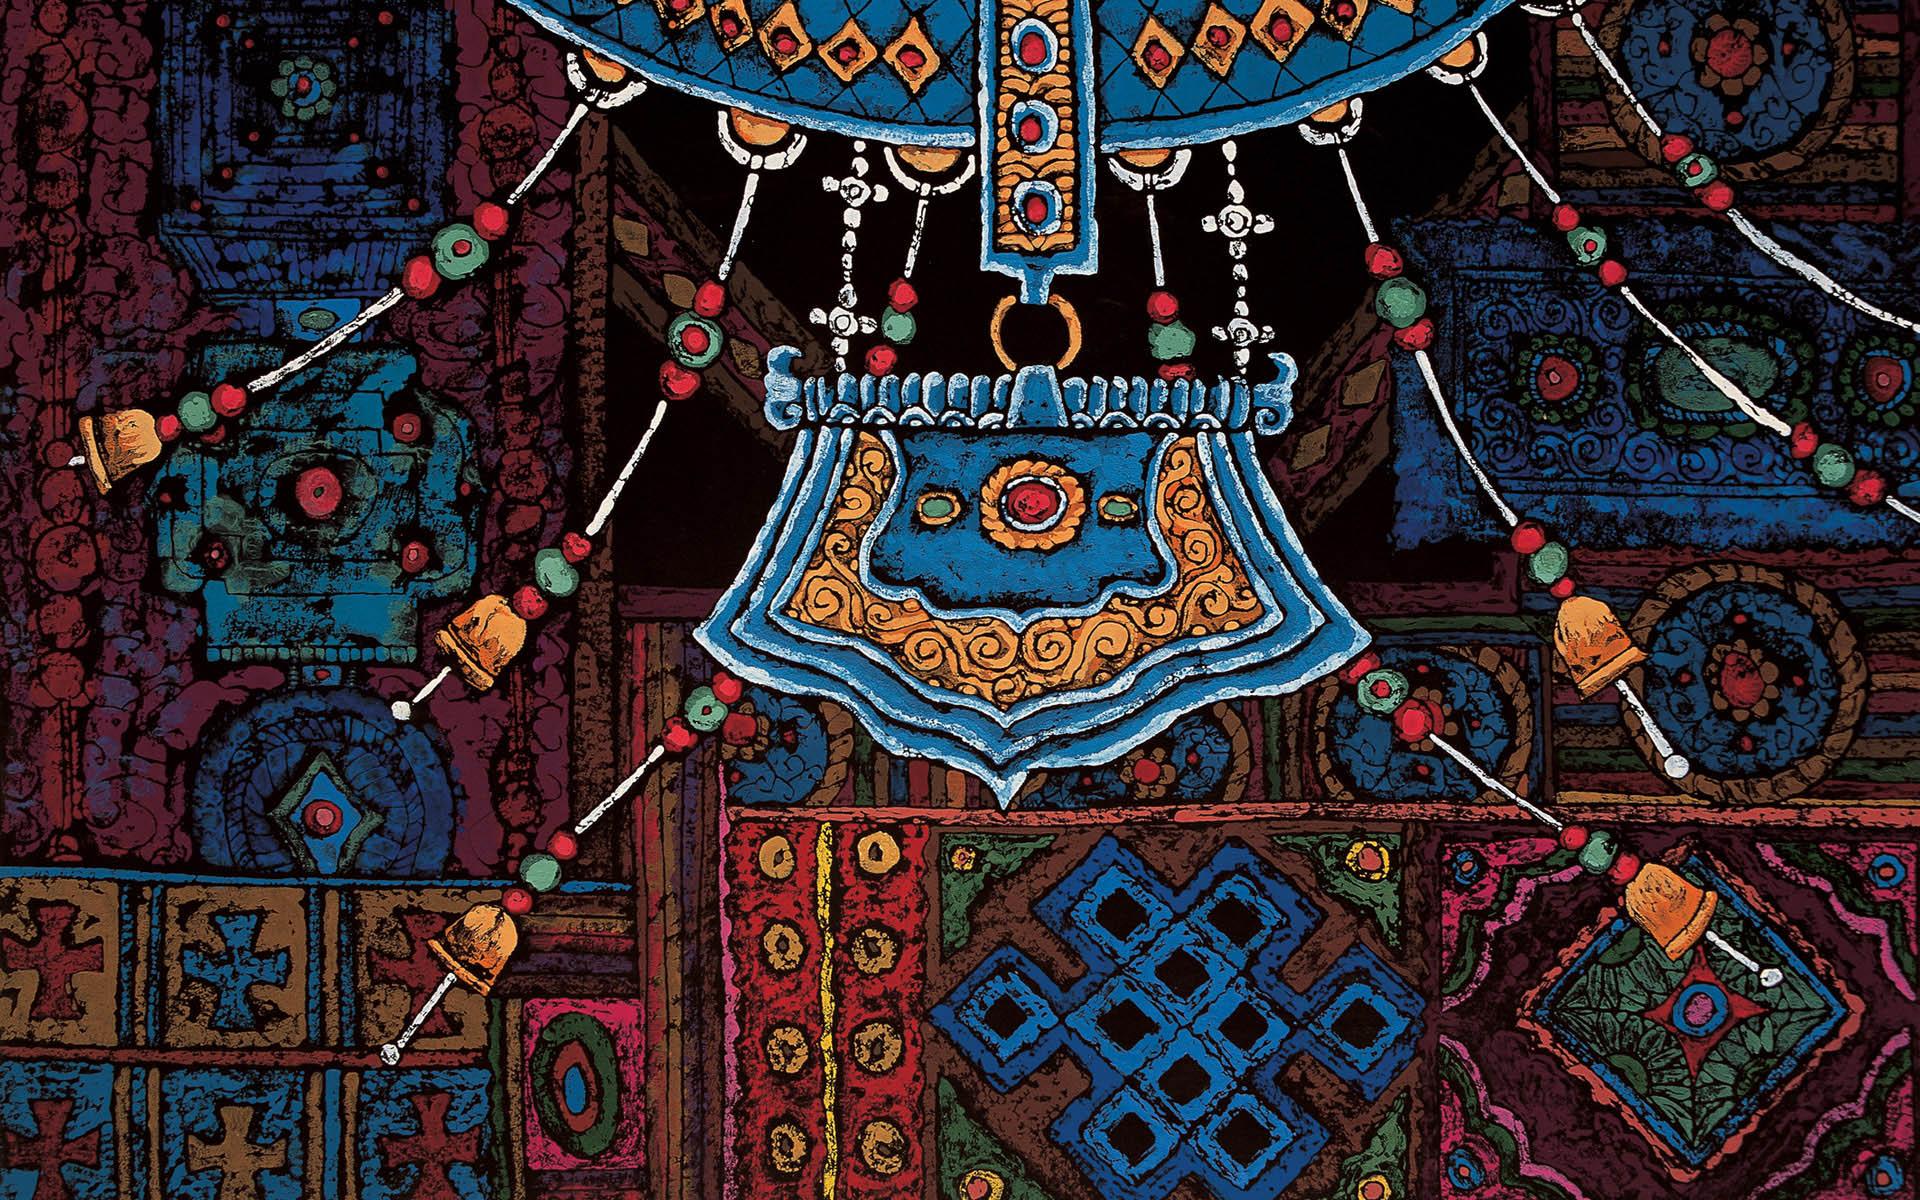 壁纸1920×1200藏族祥巴版画 壁纸23壁纸 藏族祥巴版画壁纸图片绘画壁纸绘画图片素材桌面壁纸